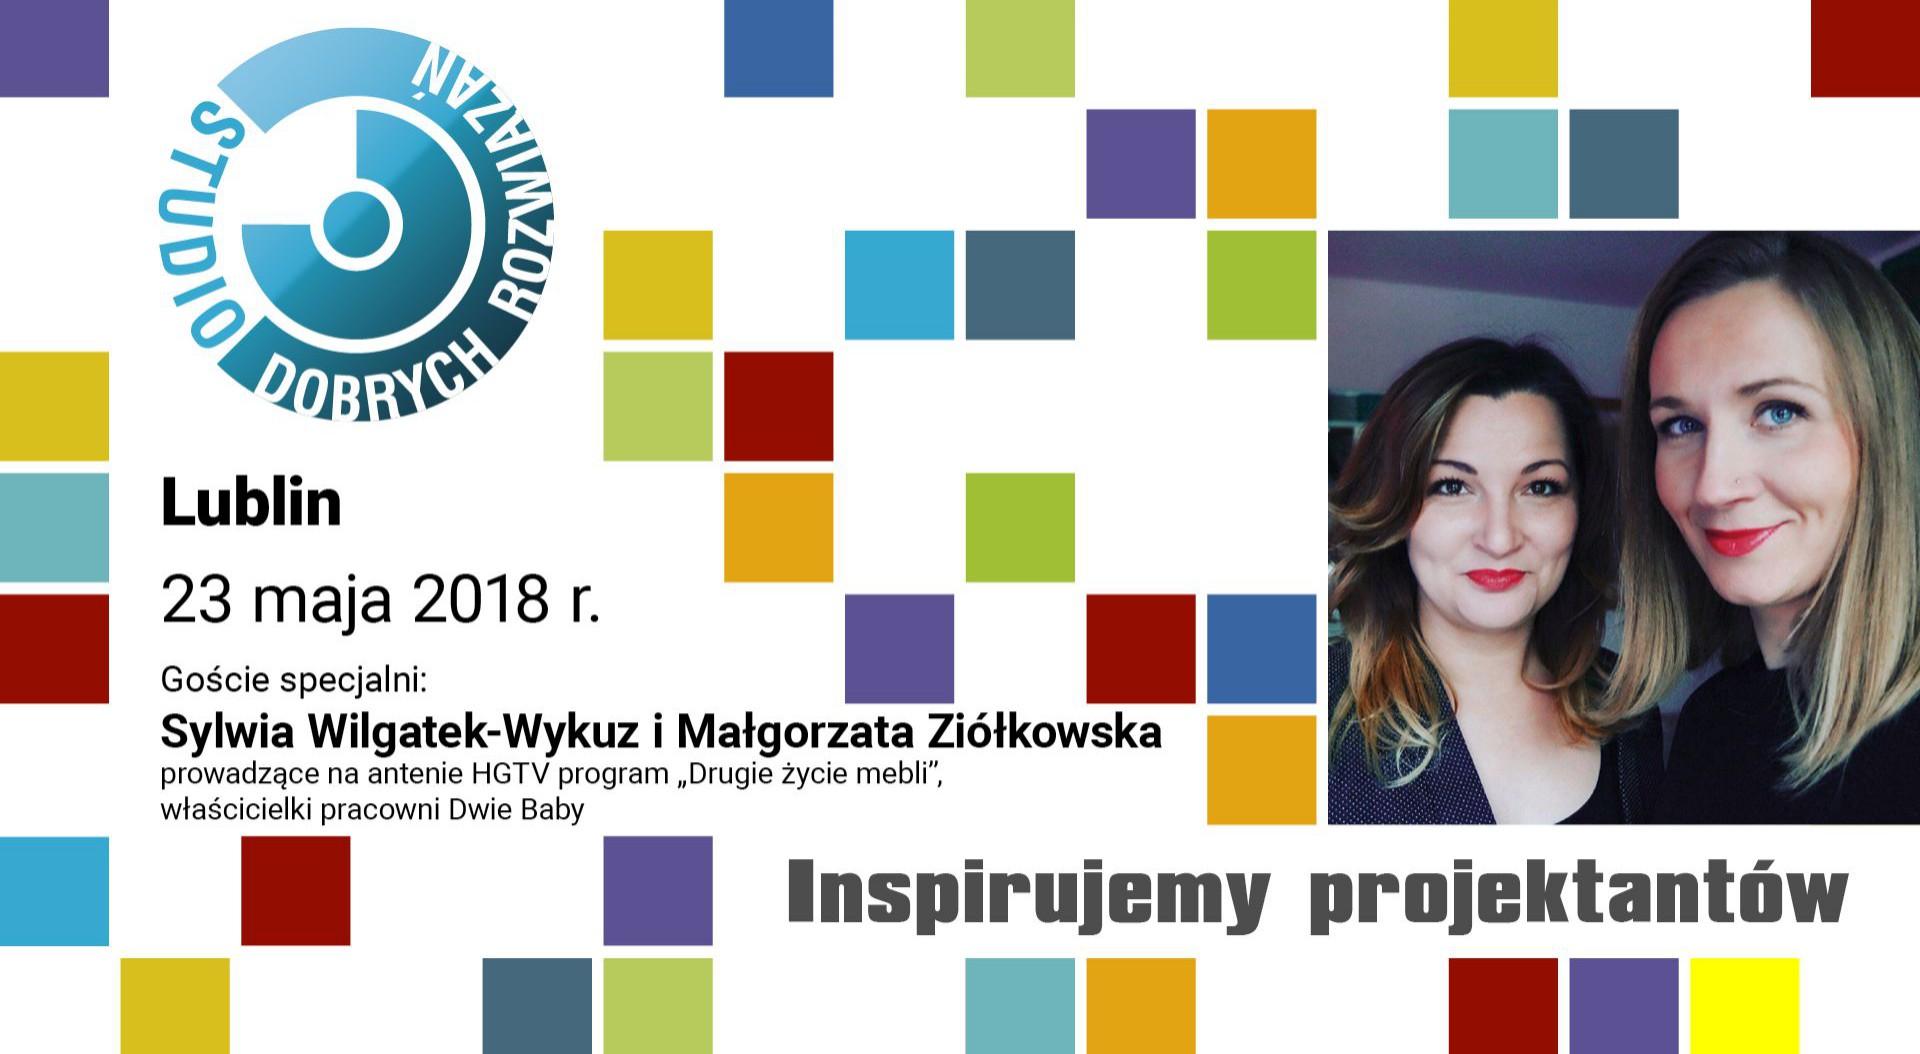 """Prowadzące program """"Drugie życie mebli"""" gośćmi specjalnymi podczas SDR w Lublinie"""